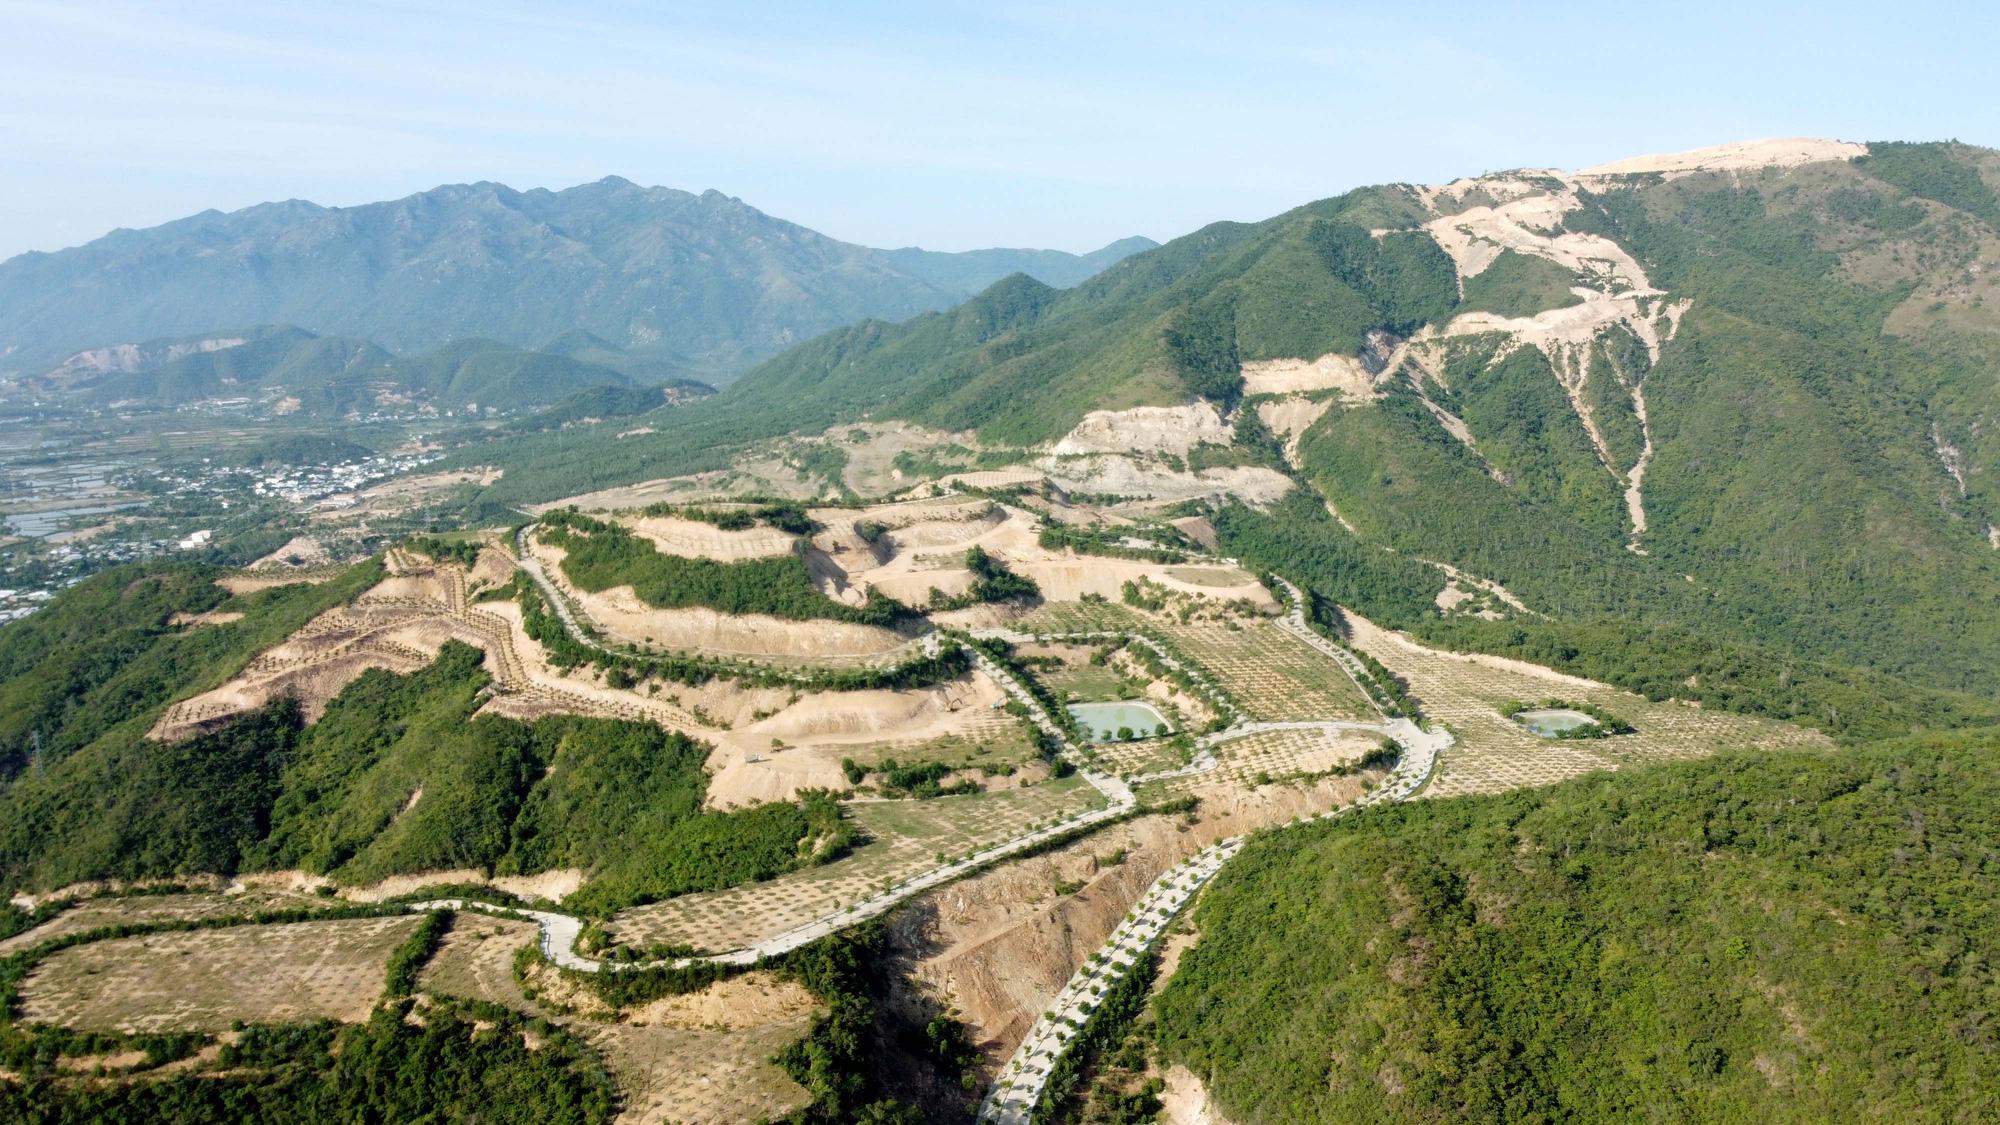 Cận cảnh các dự án bị khởi tố vụ án hình sự tại Khánh Hòa  - Ảnh 3.